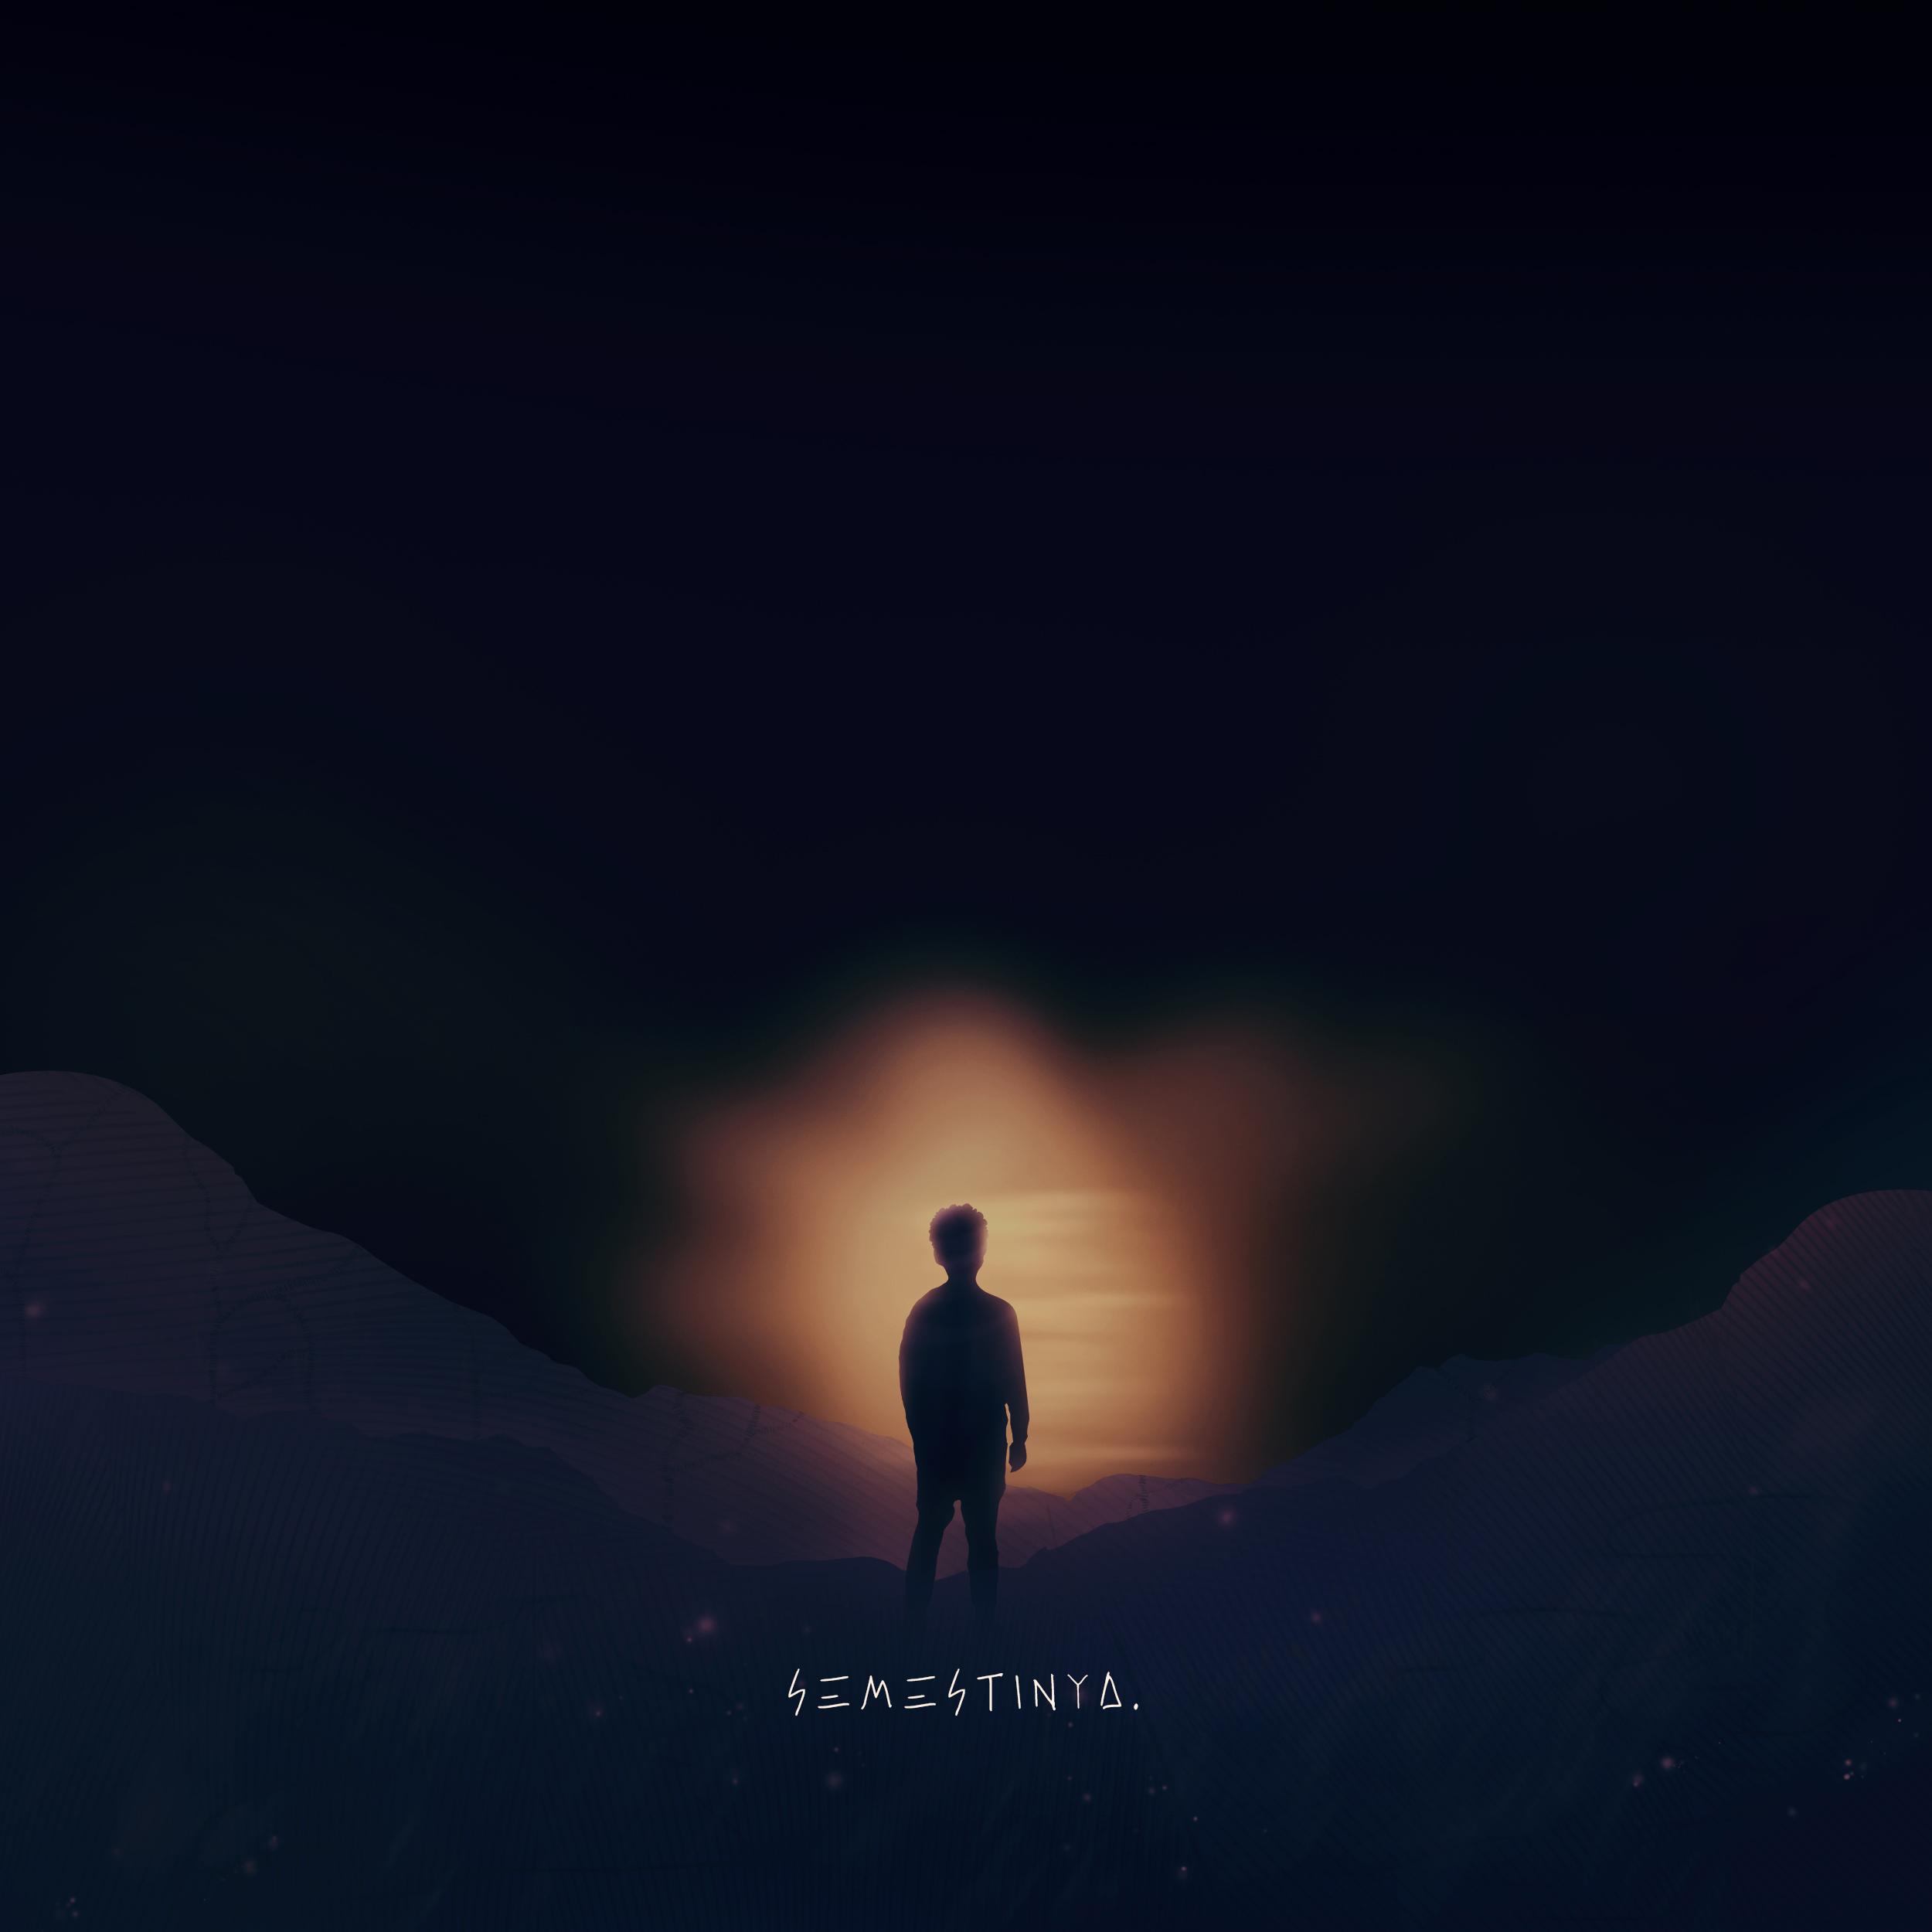 """Teddy Adhitya Rilis Single Kedua """"Semestinya"""", Curhat Perjalanan Mencari Jati Diri?"""